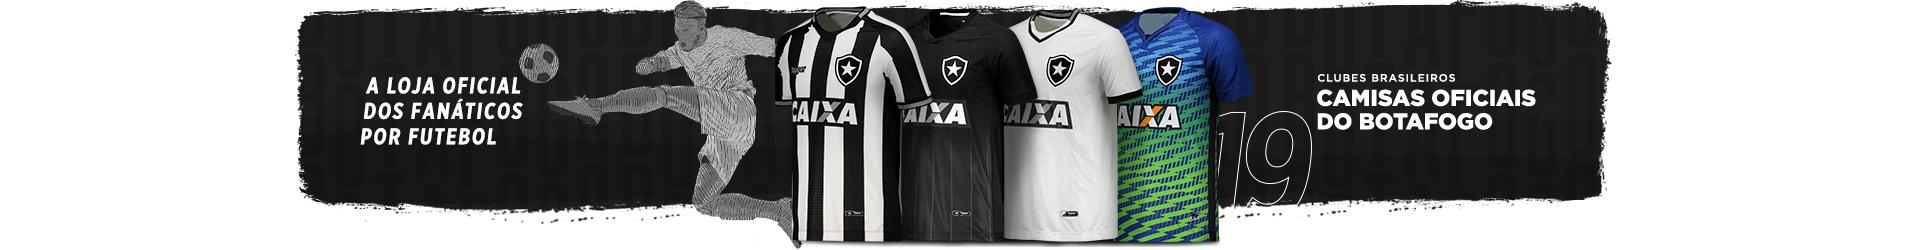 76f709e2cf280 Camisas de Futebol do Botafogo - FutFanatics